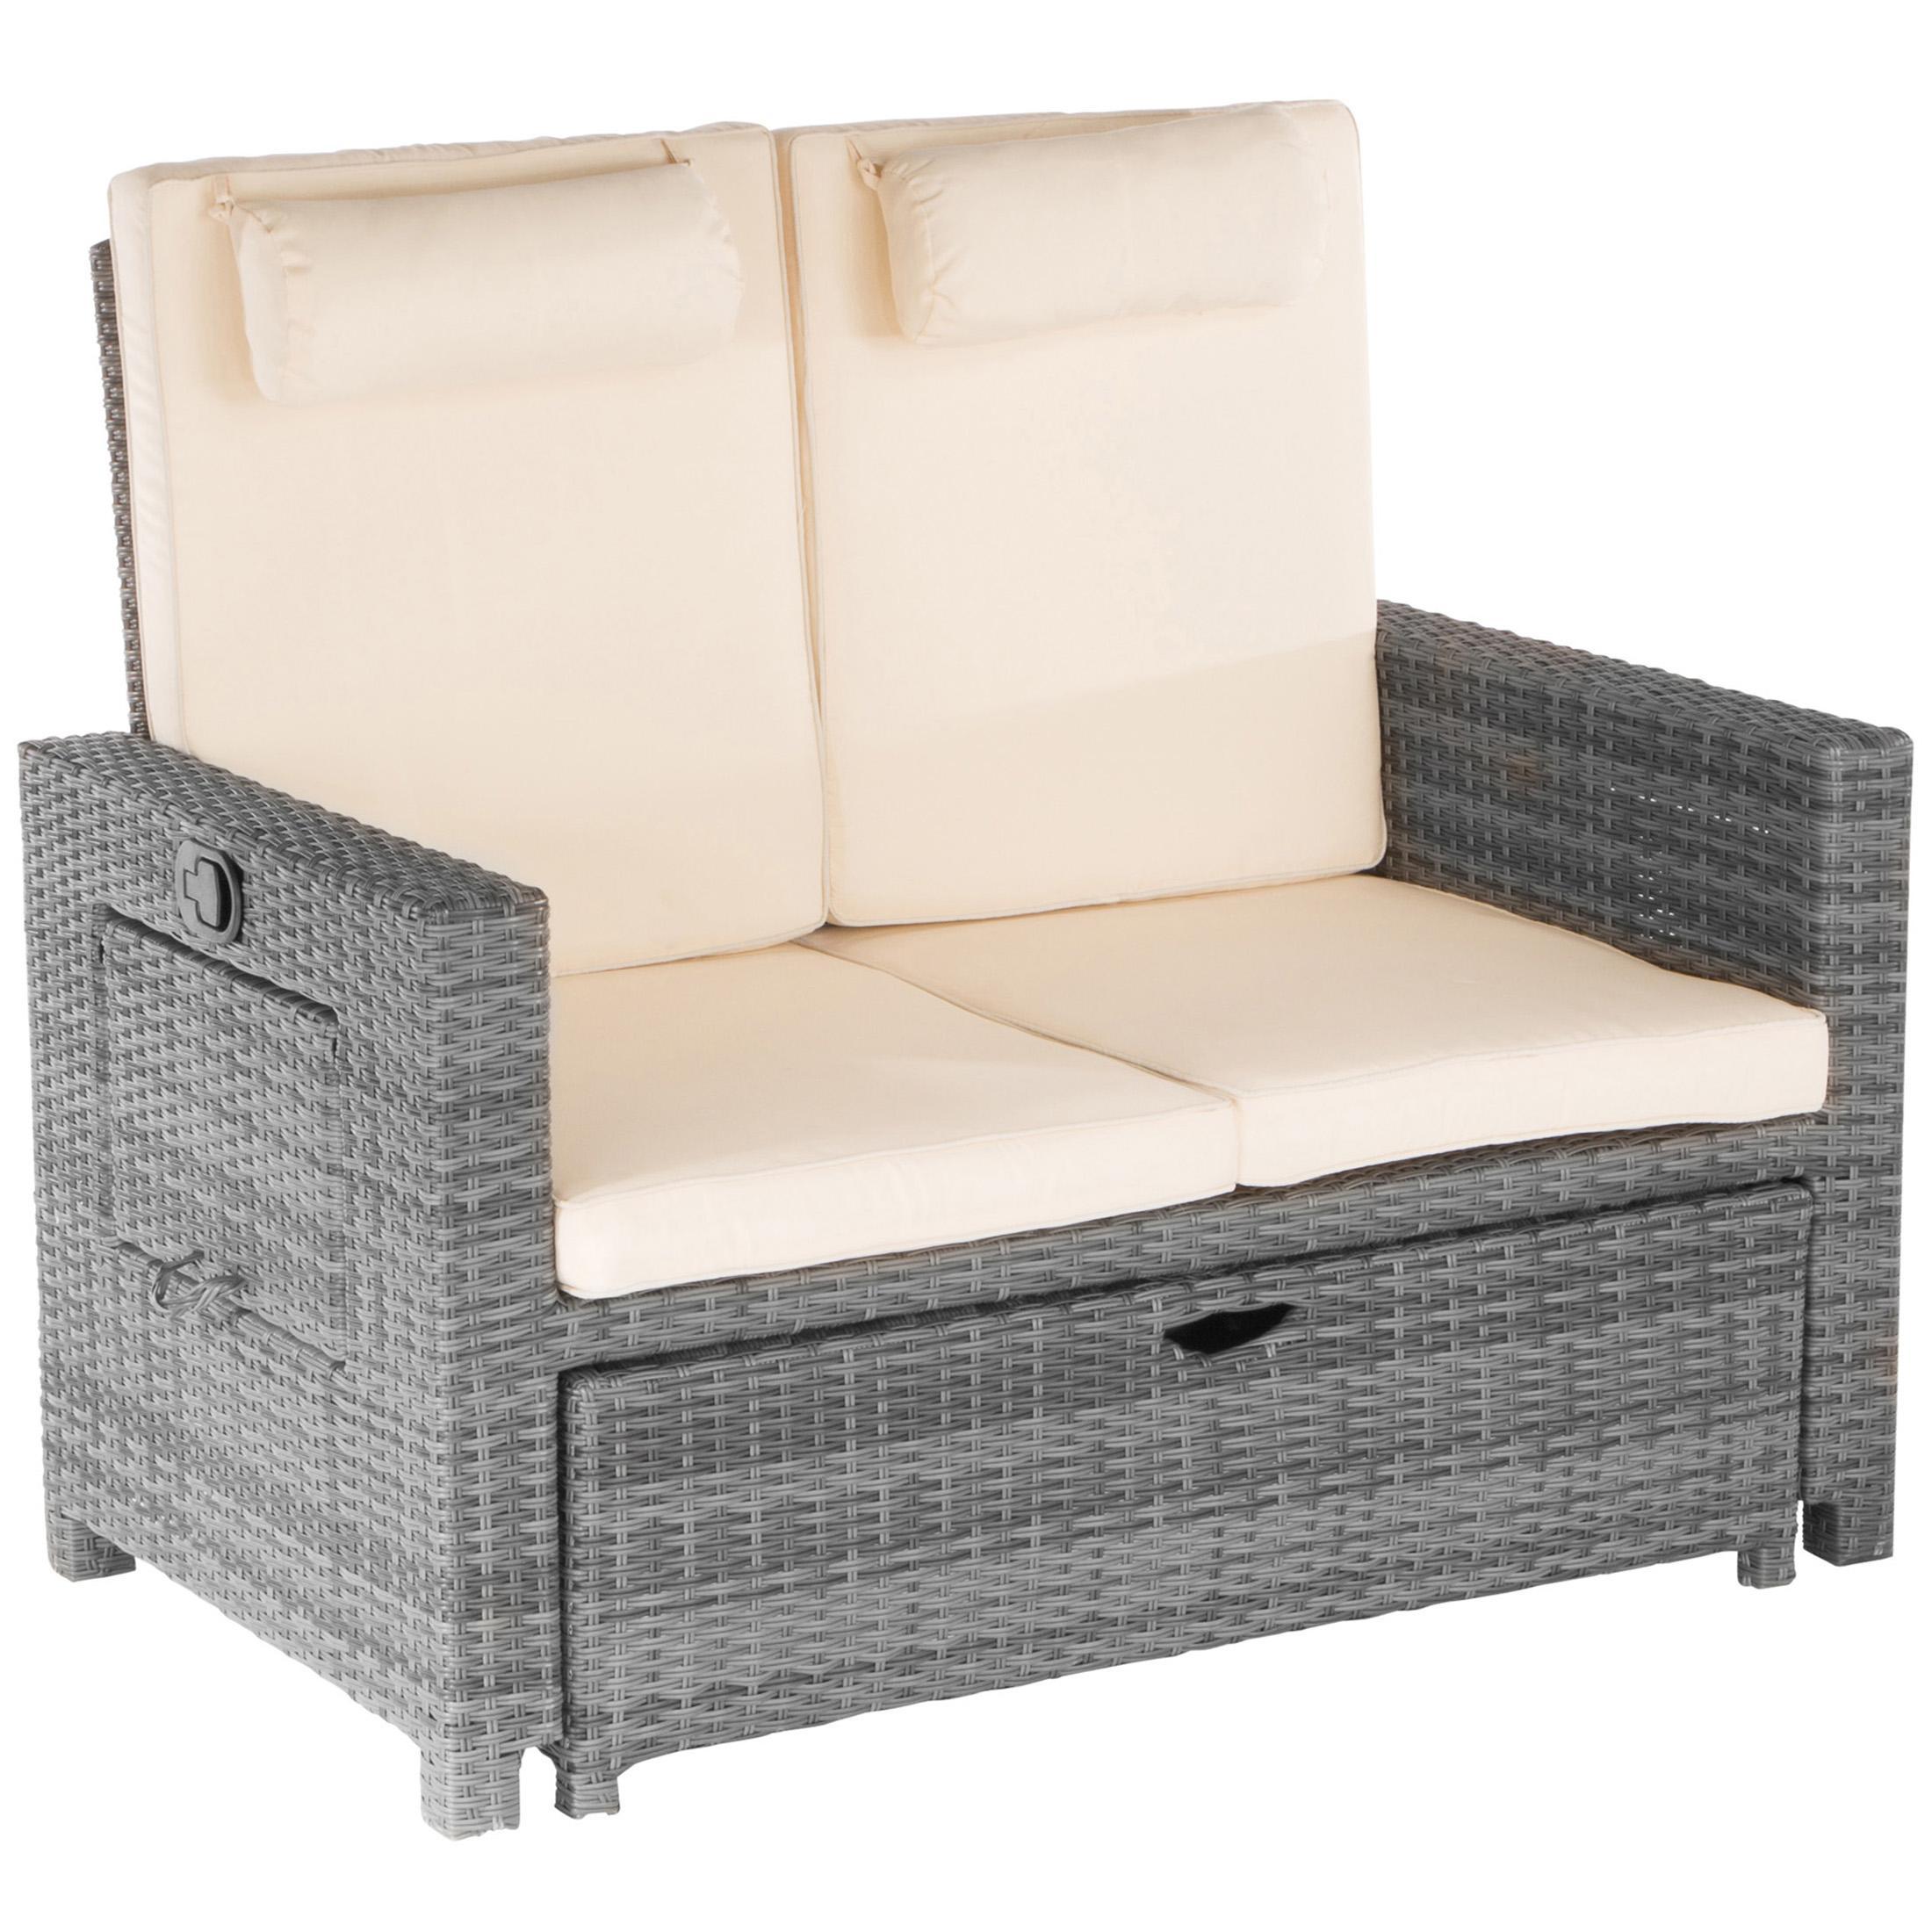 Couch Auflagen: Amazon.de: Ultranatura Poly-Rattan 2in1 Multicouch Inkl